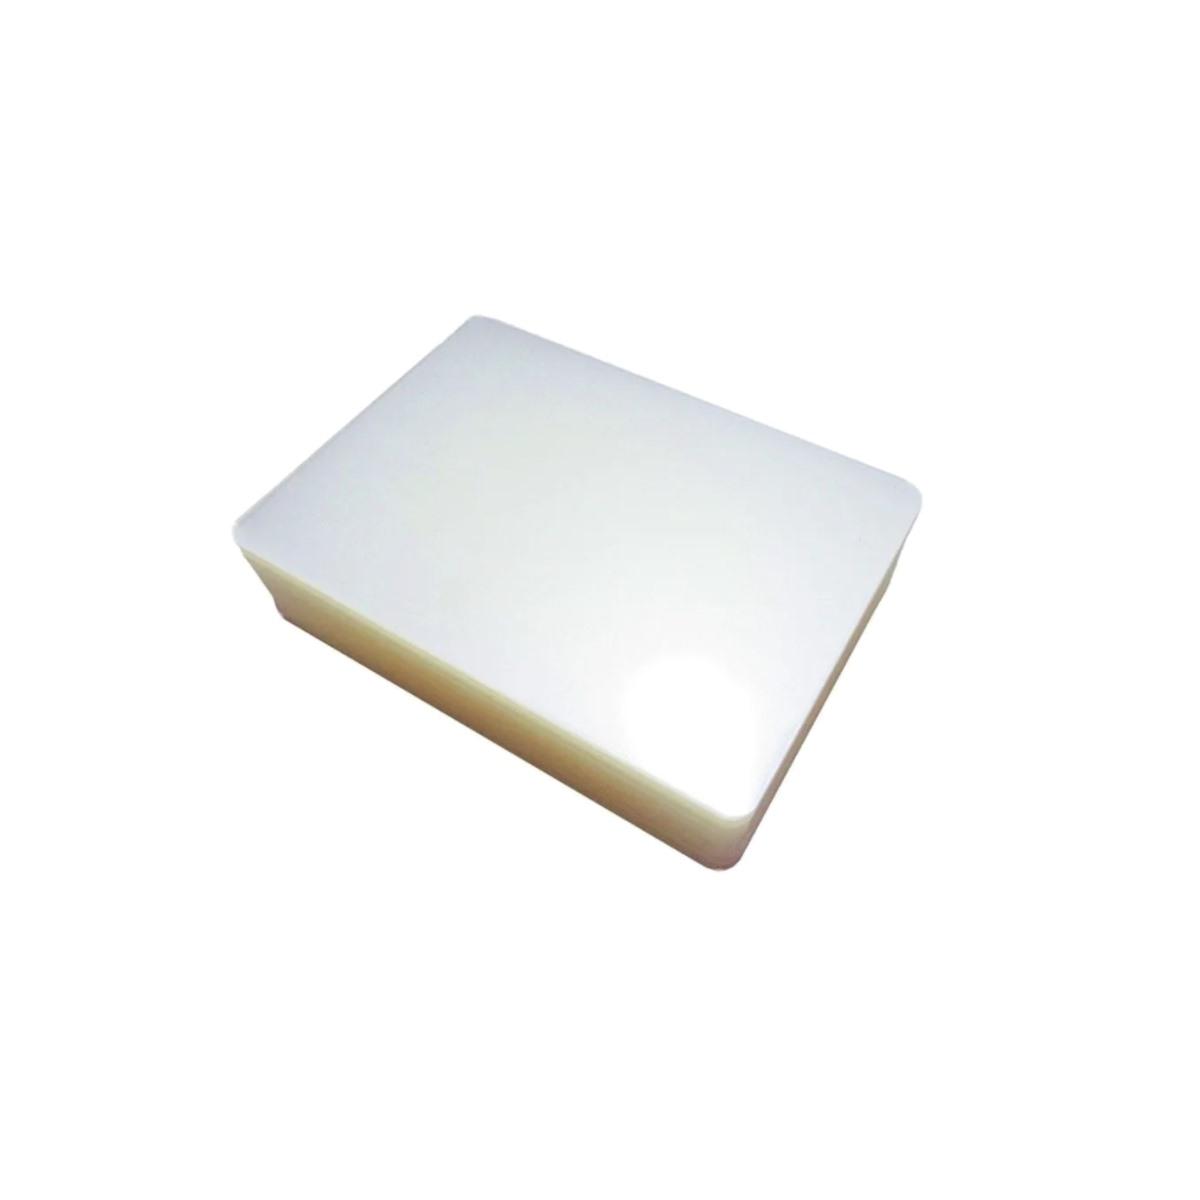 Polaseal plástico para plastificação 1/2 Ofício 170x226 0,10mm 100un